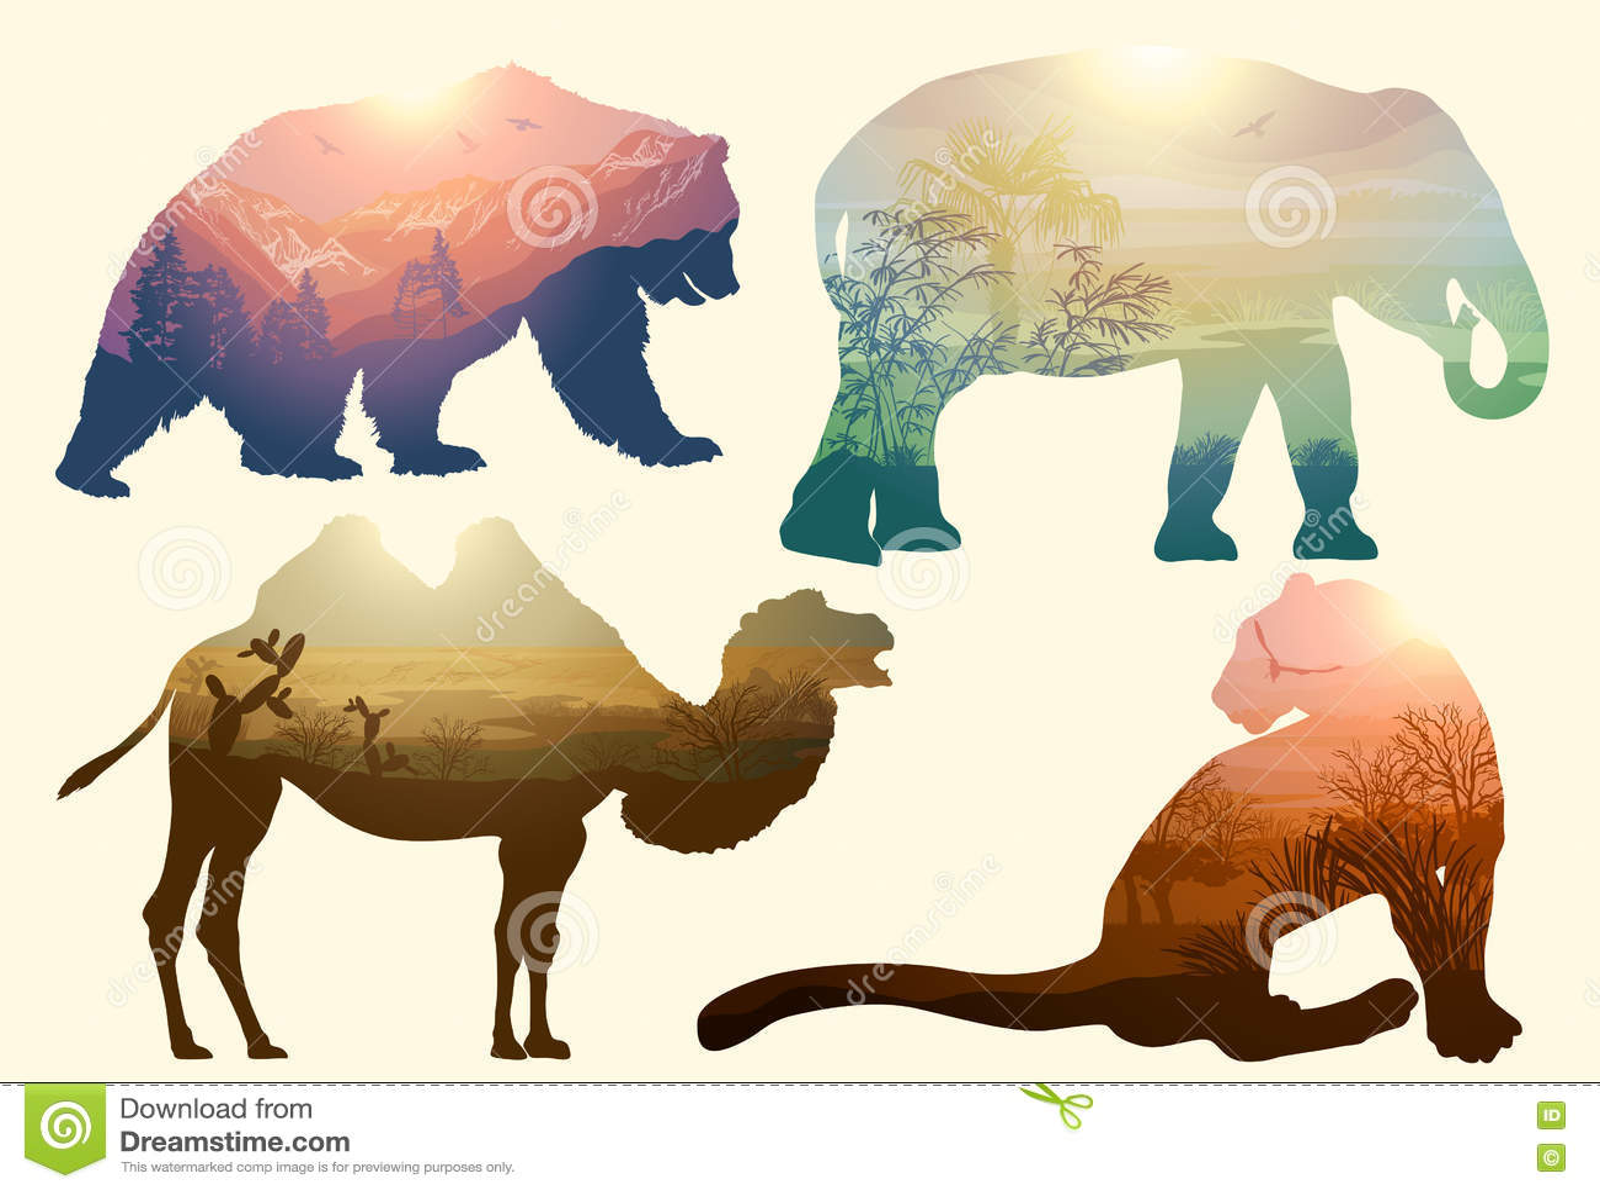 Bär, Elefant, Kamel und Leopard, wild lebende Tiere